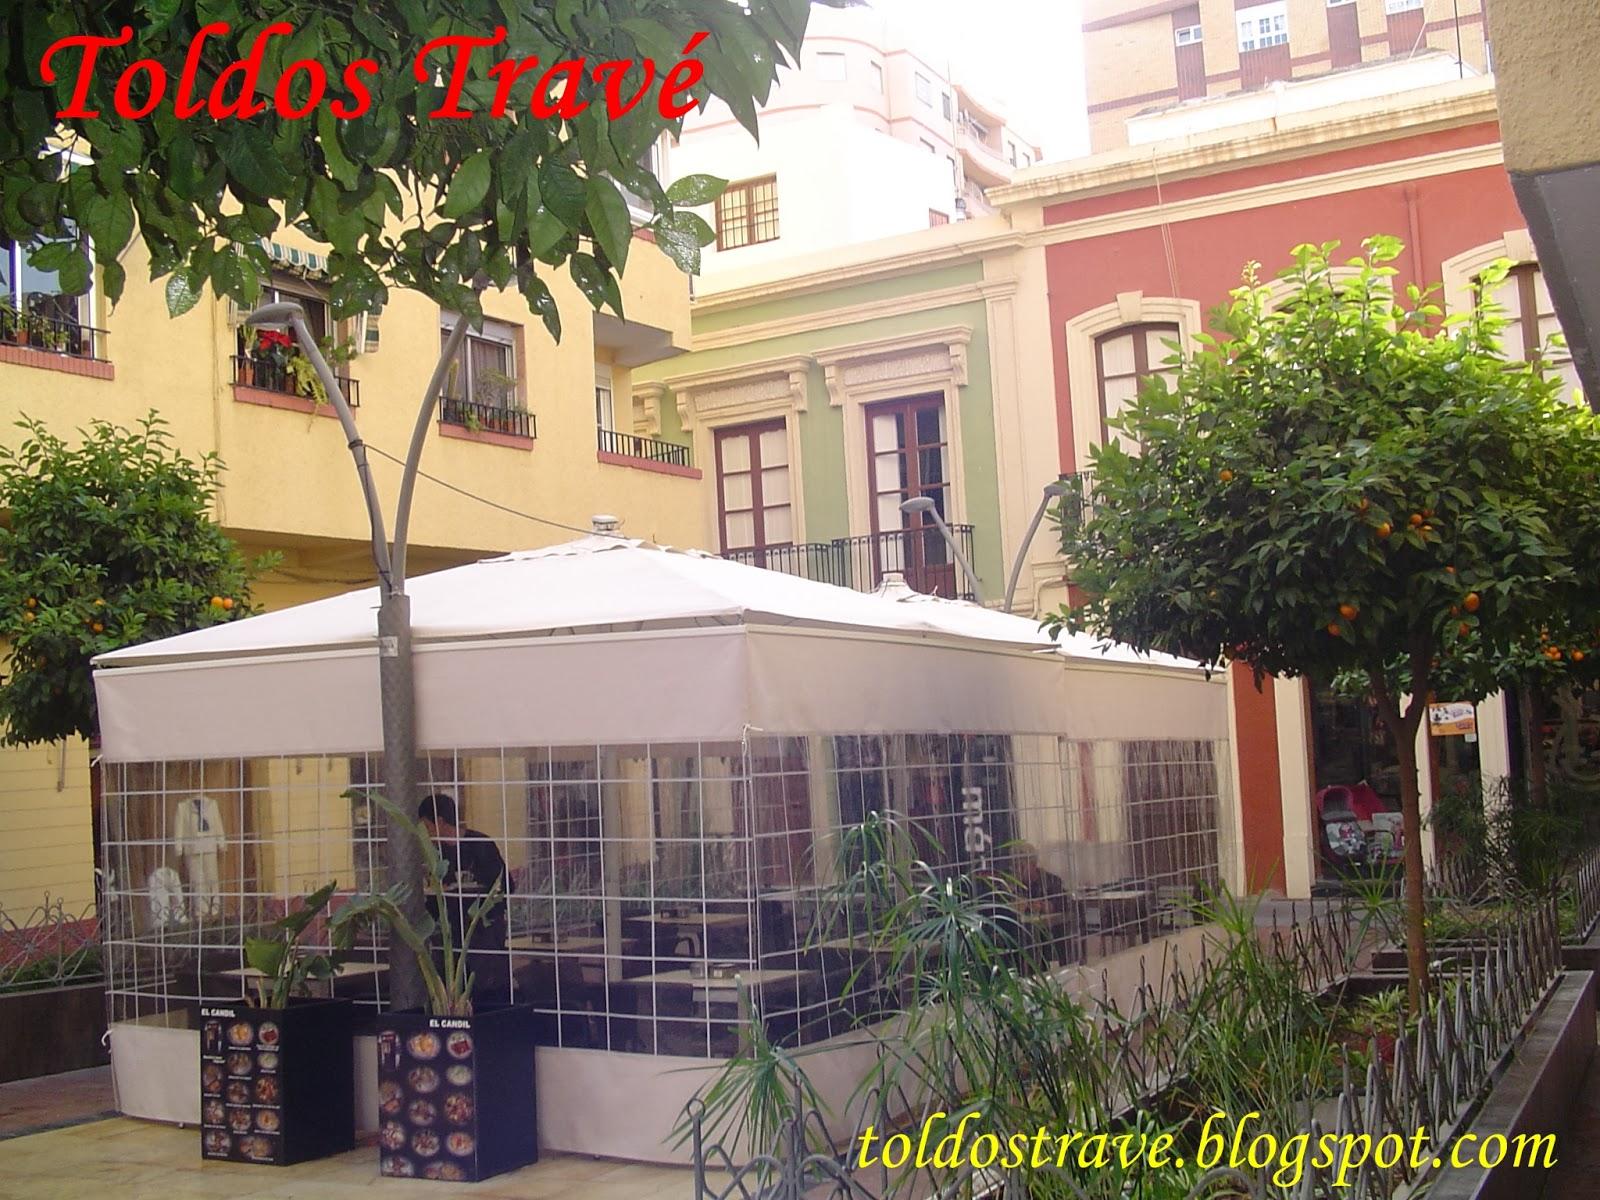 Toldos trav novedad cortina para sombrilla for Toldos moviles para terrazas